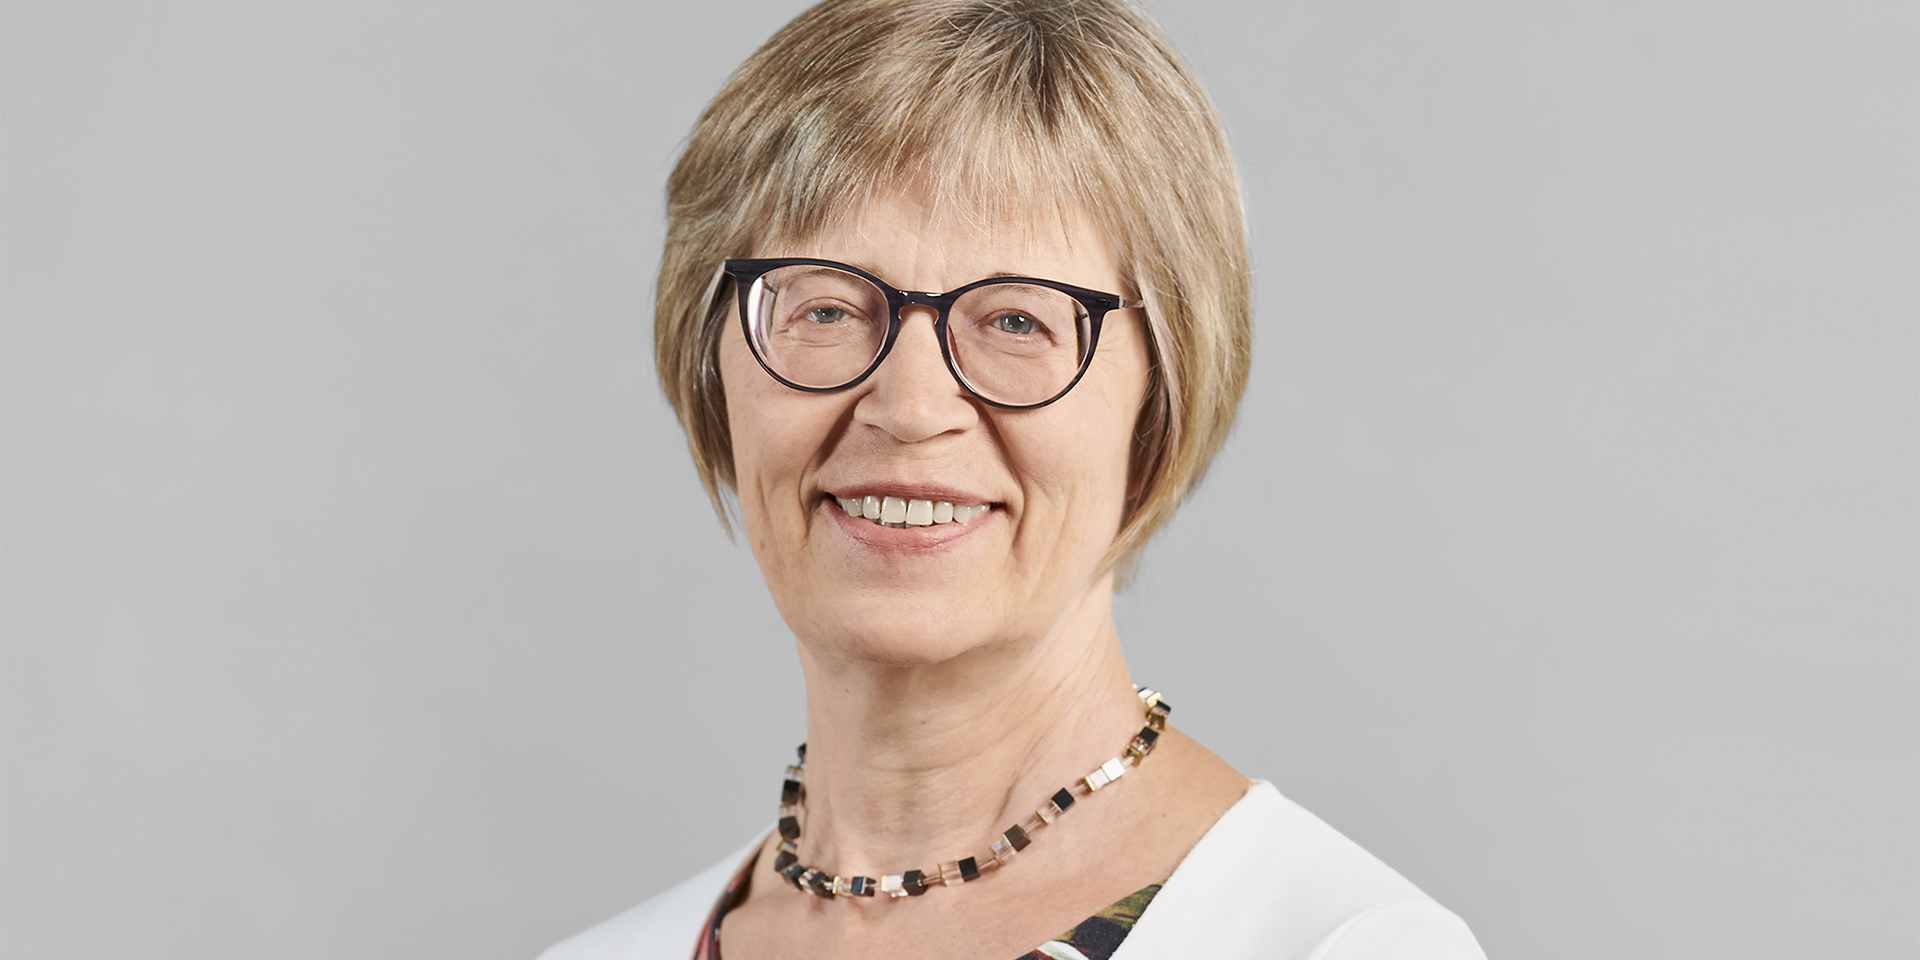 Gisela Bornowski